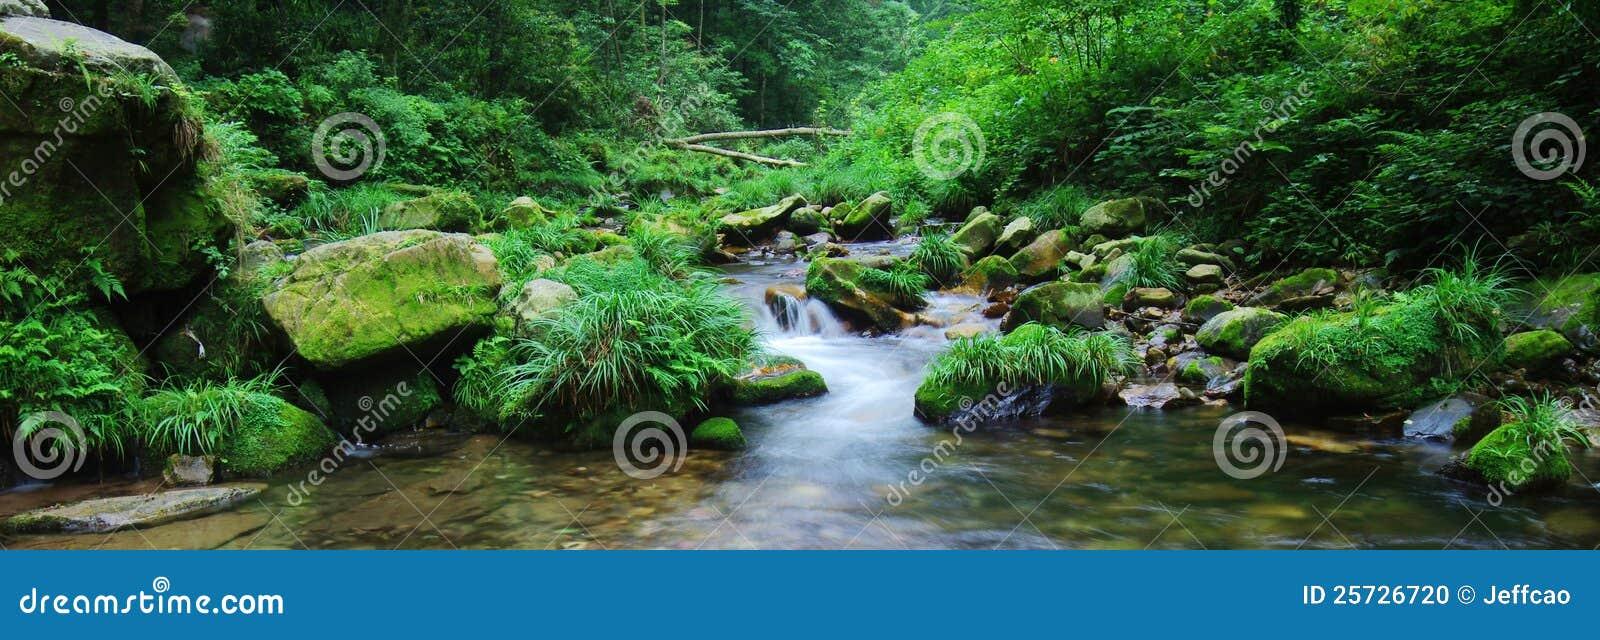 Flowing water in spring